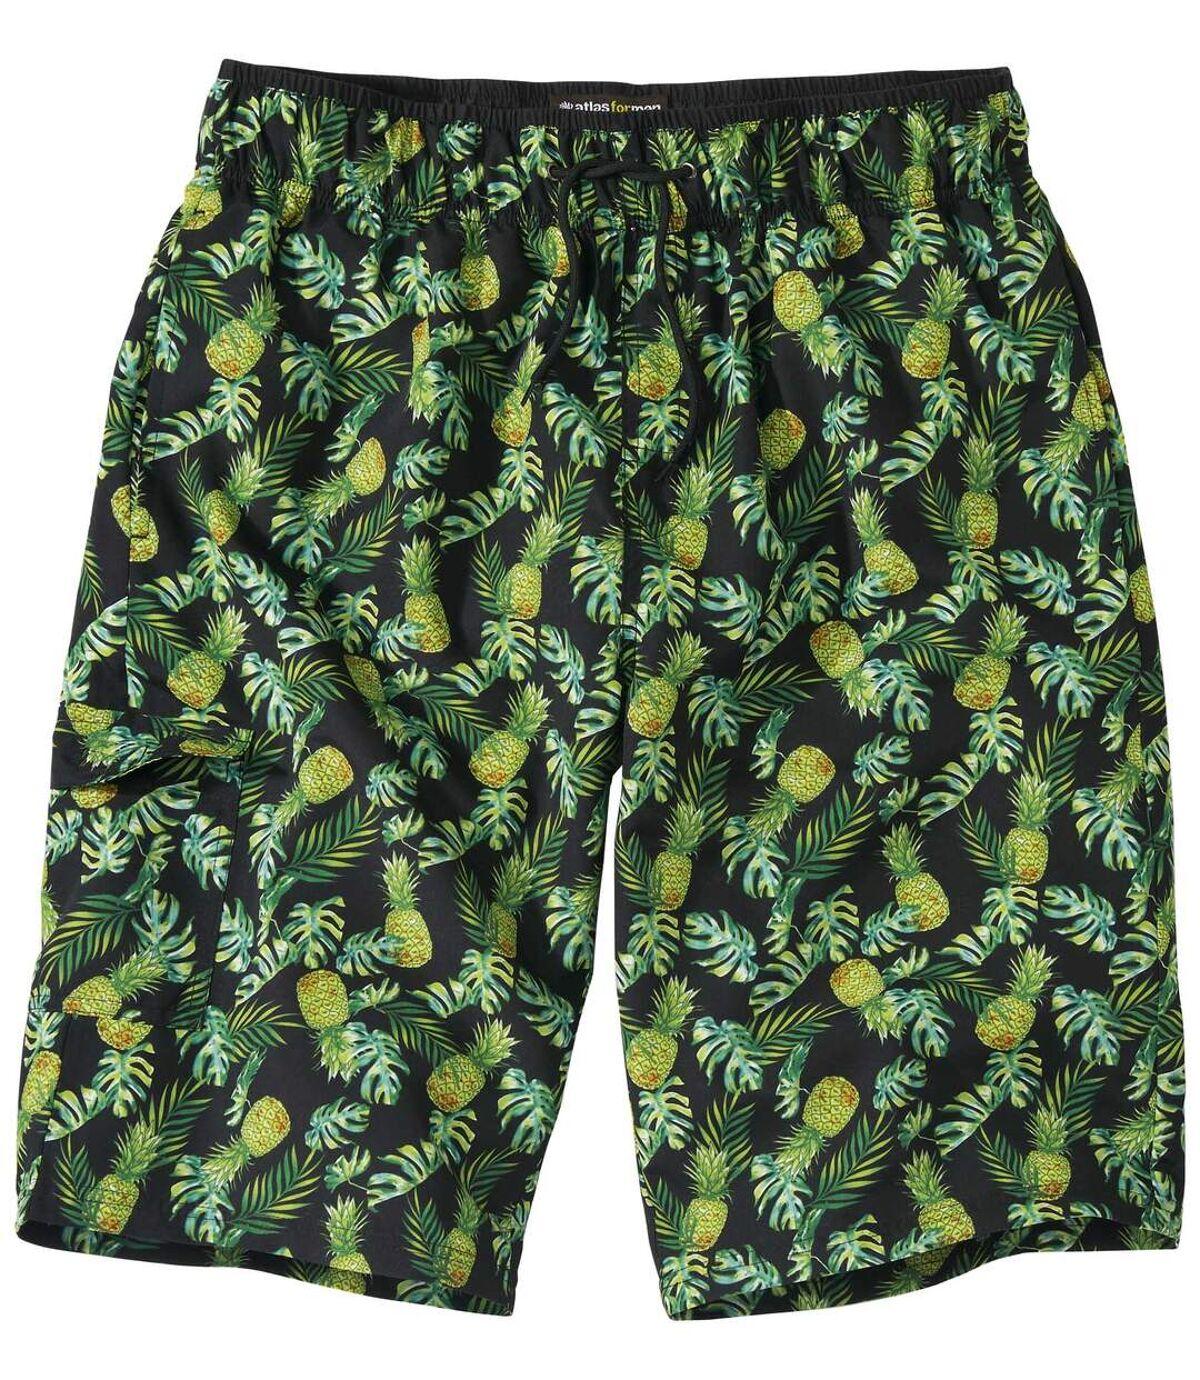 Zwemshort met ananas motieven Atlas For Men